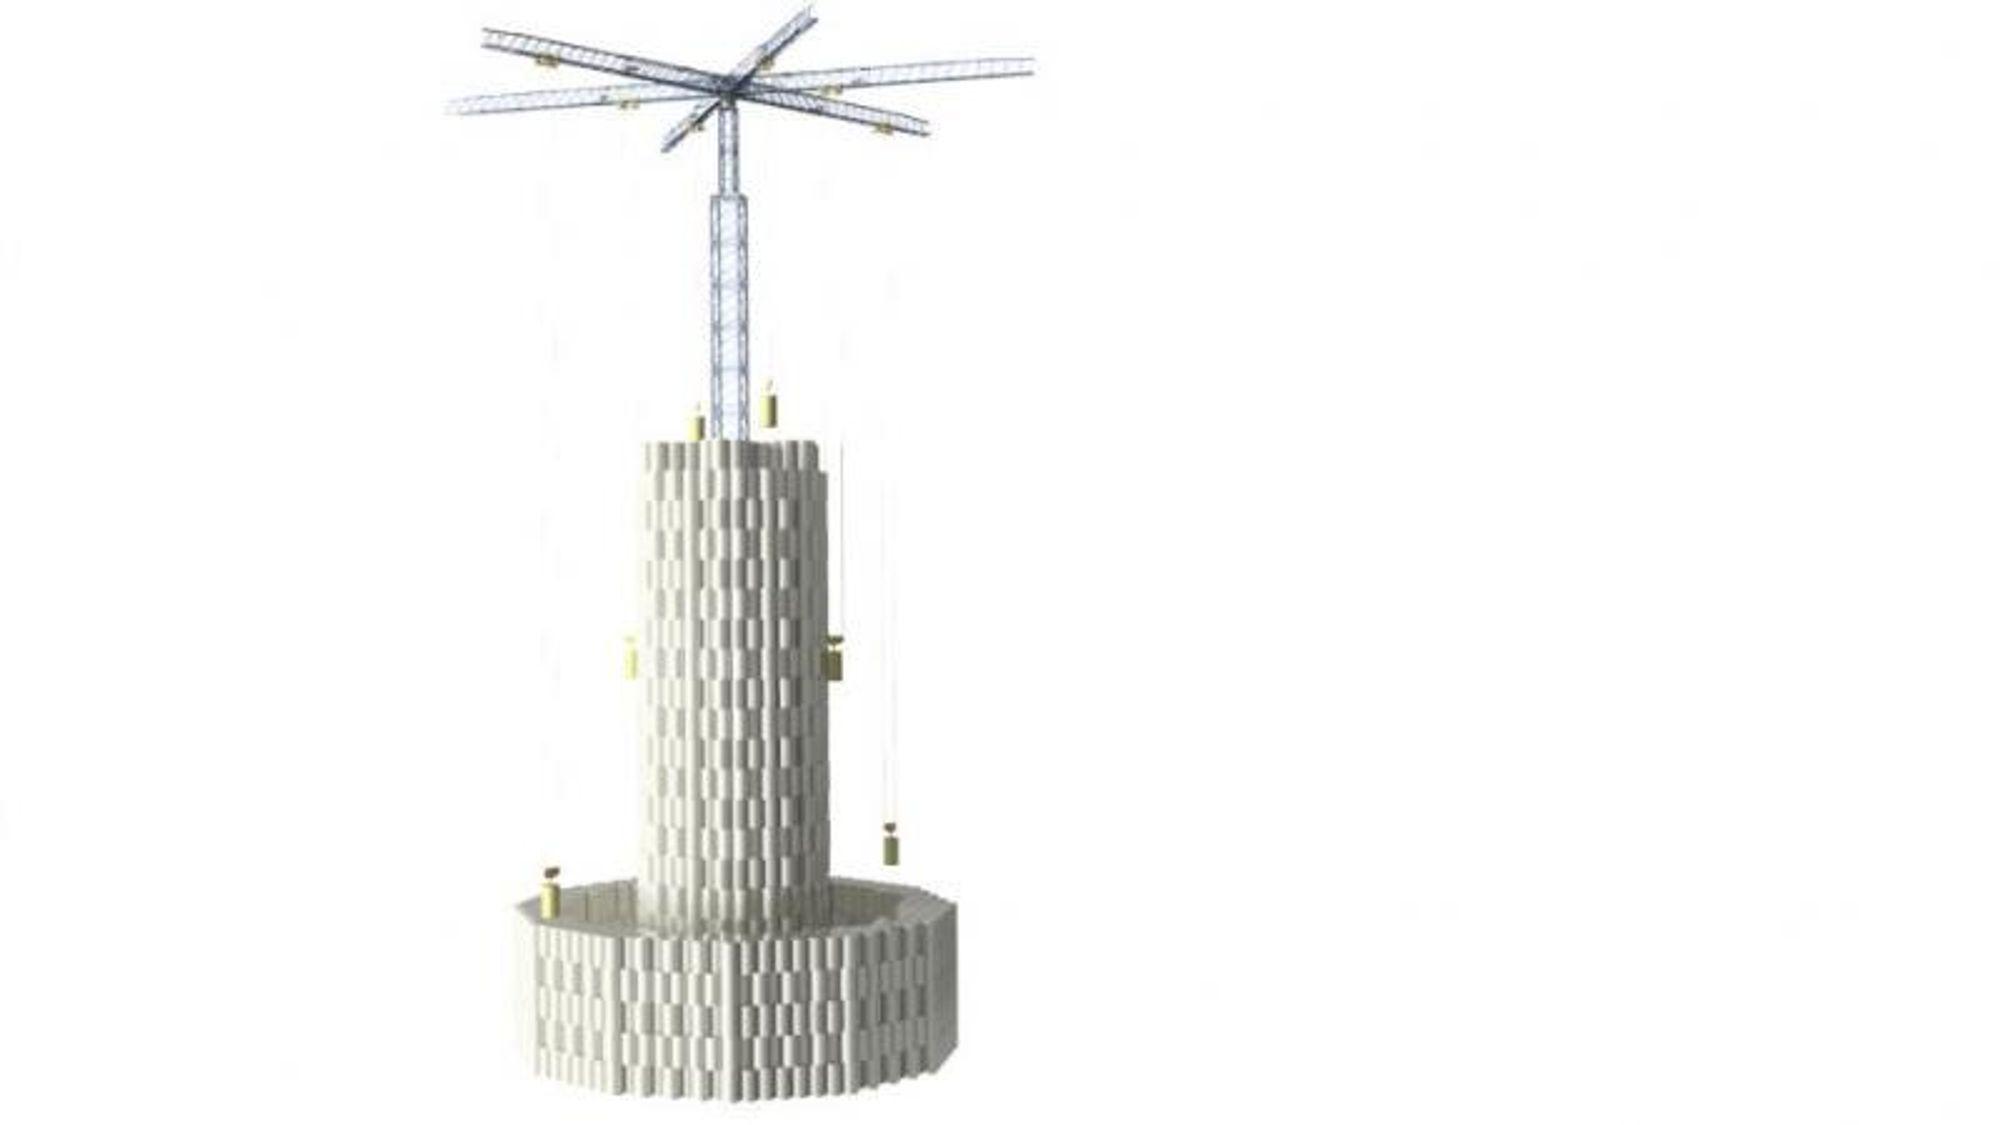 Det tok bedriften ni måneder fra idé til ferdig prototyp, og det kostet mindre enn 2 millioner dollar. Kranen er 20 meter høy, og har bare én arm, mens betongblokkene veier 500 kilo hver.